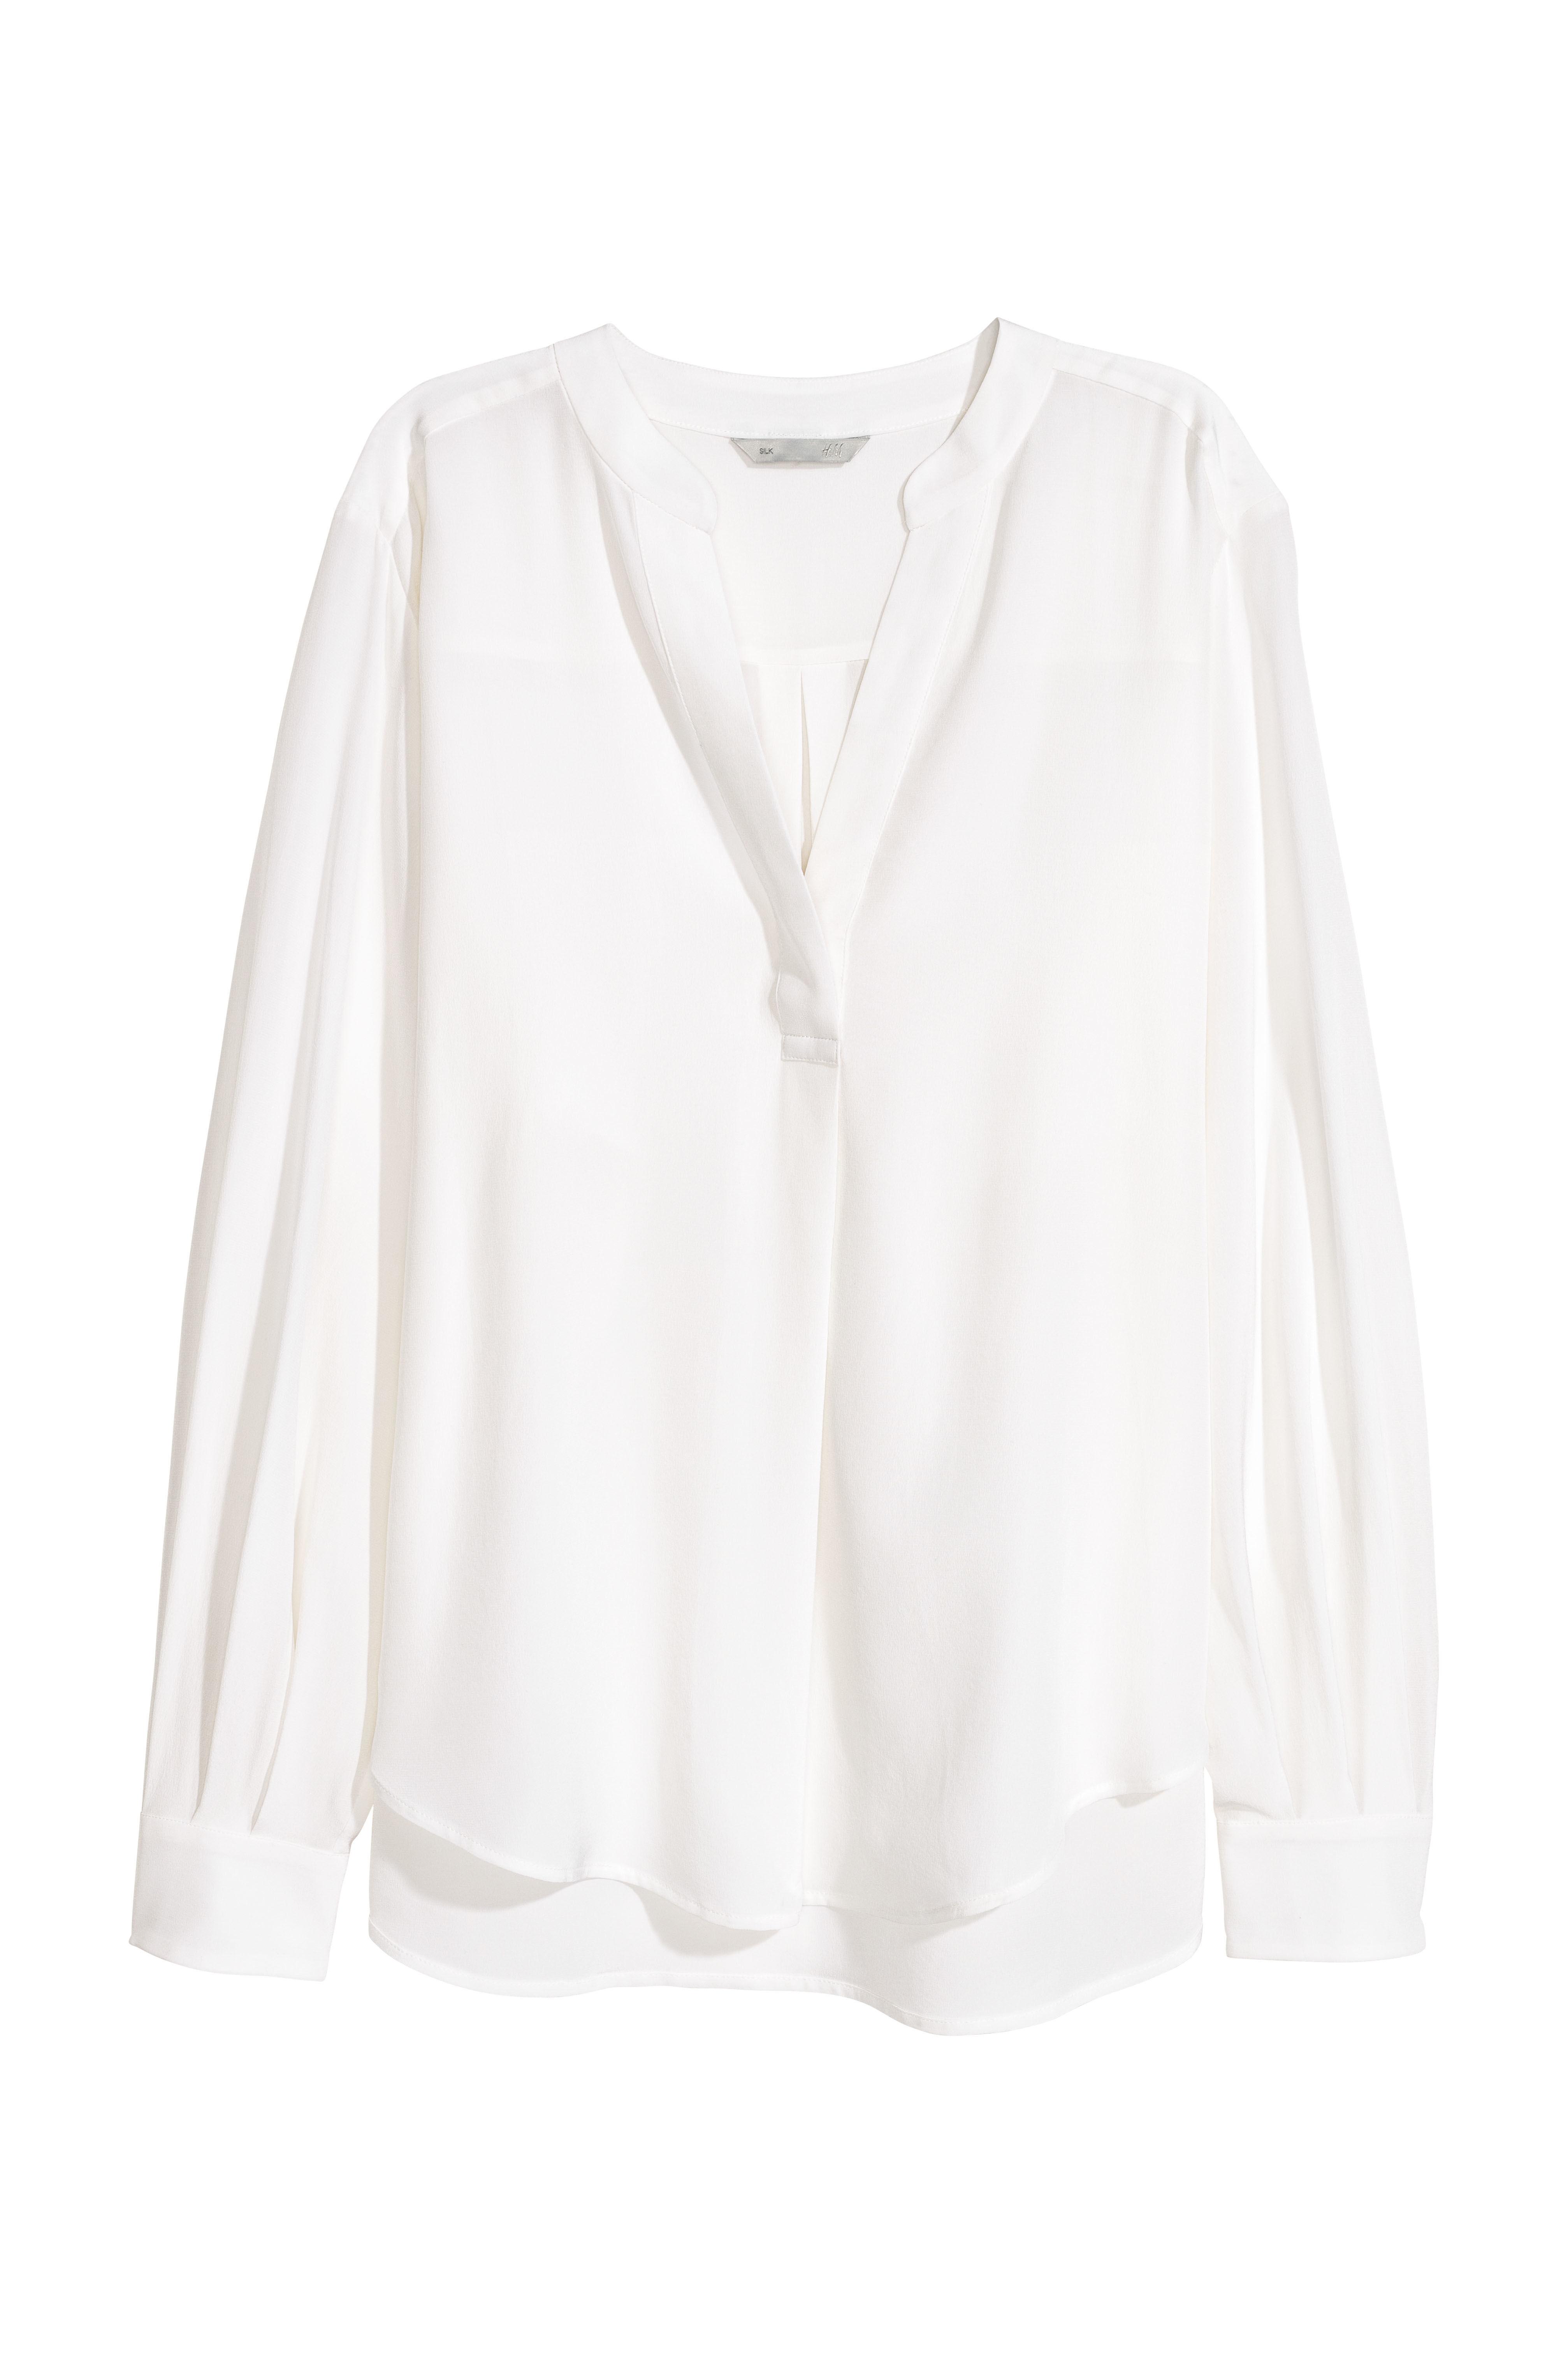 b38bfa07f846 Damkläder Online | Shoppa Dammode & Märkeskläder | Afound.com